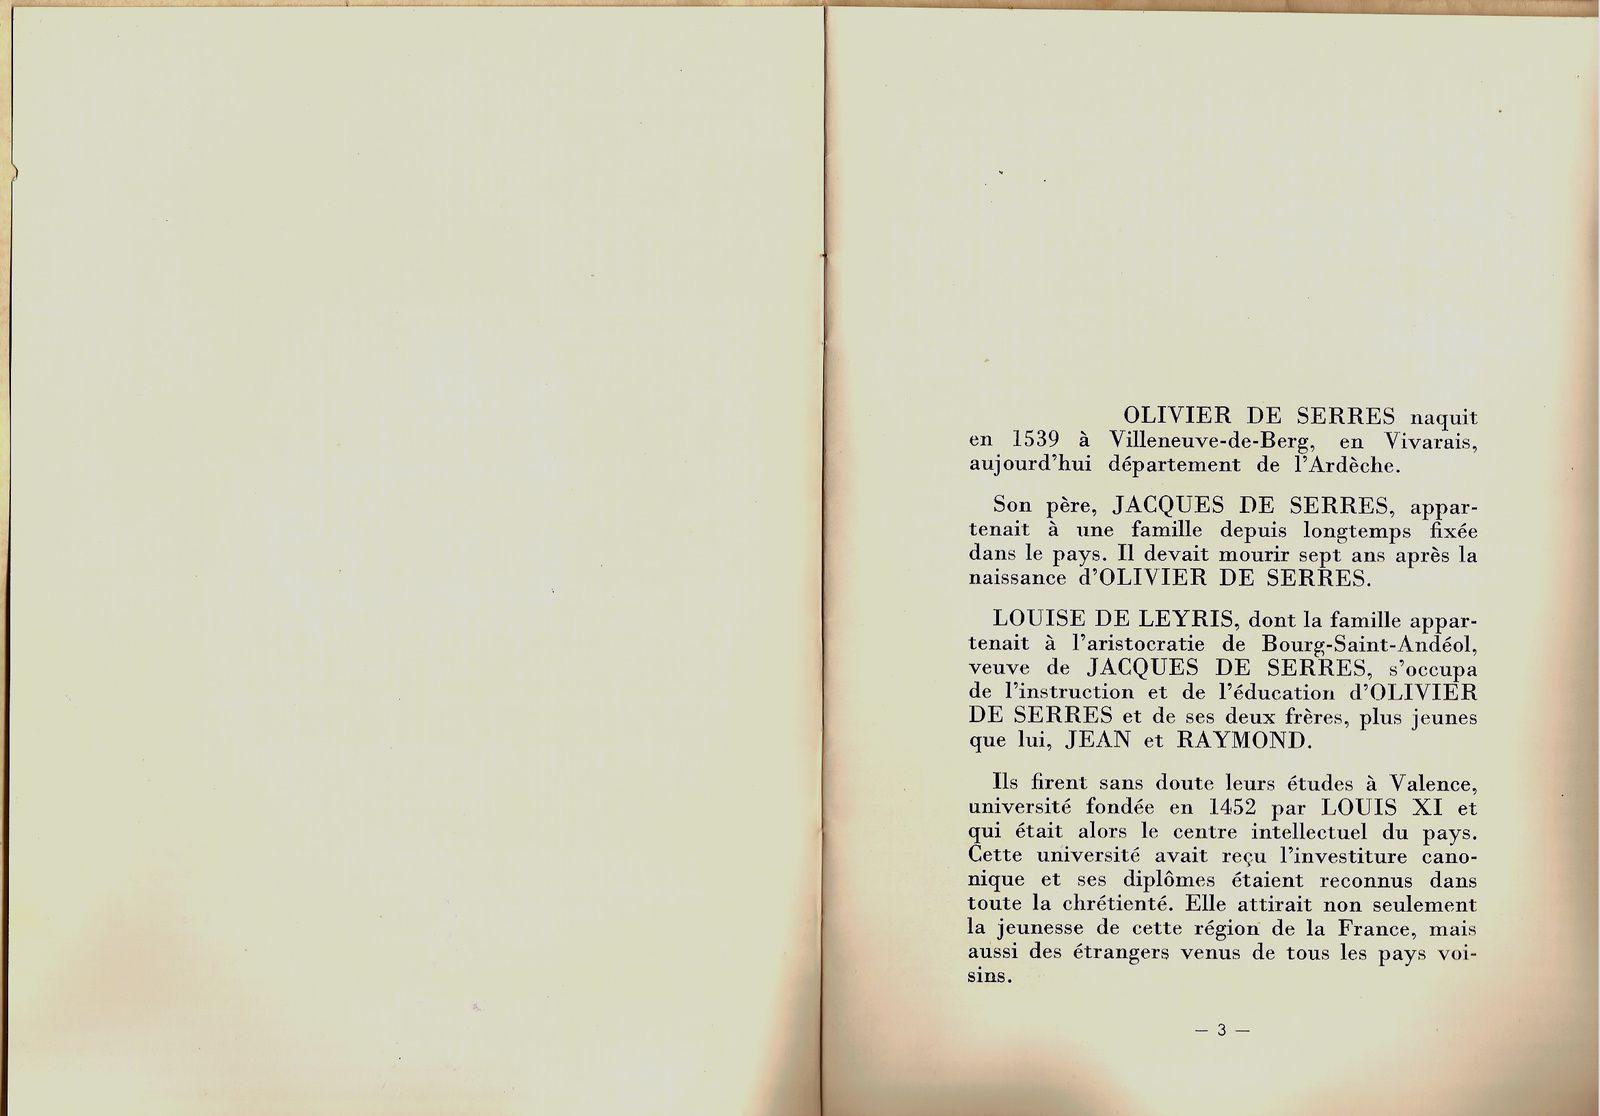 25 éditions des ses ouvrages sur deux siècles